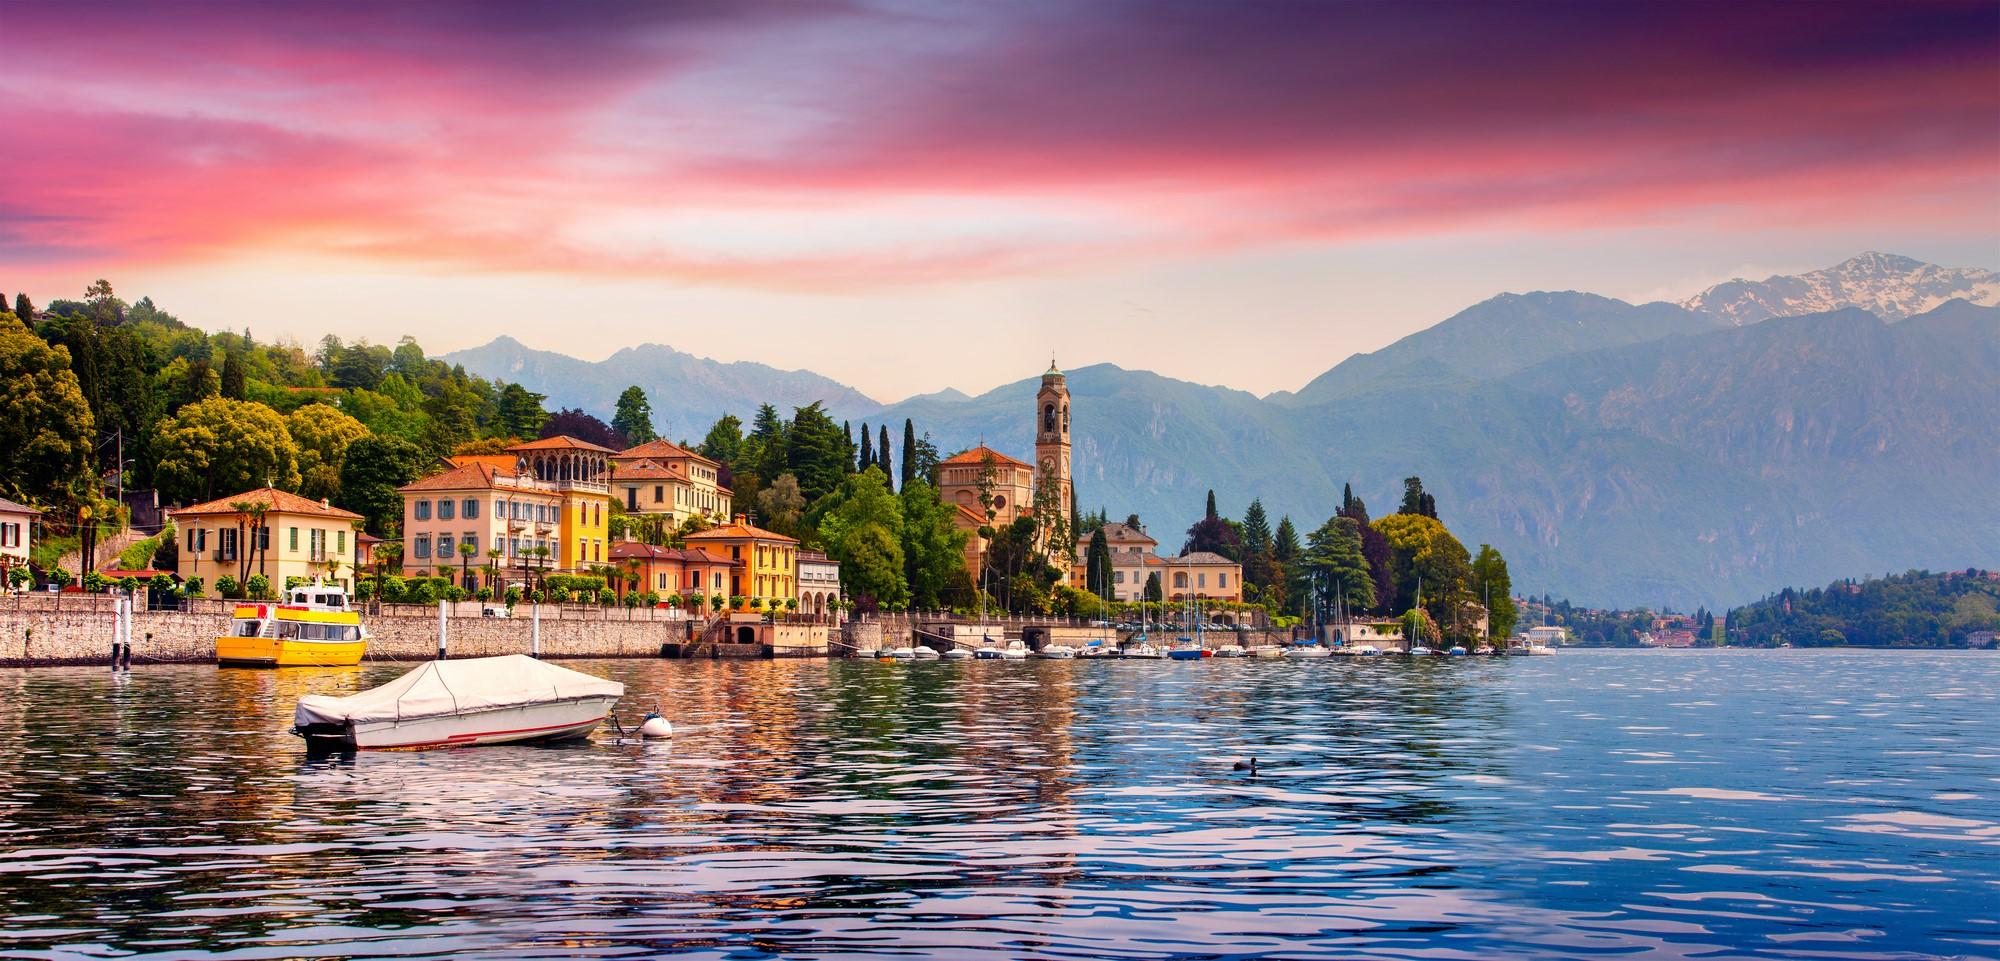 Consigli utili per una rilassante vacanza sul Lago di Como